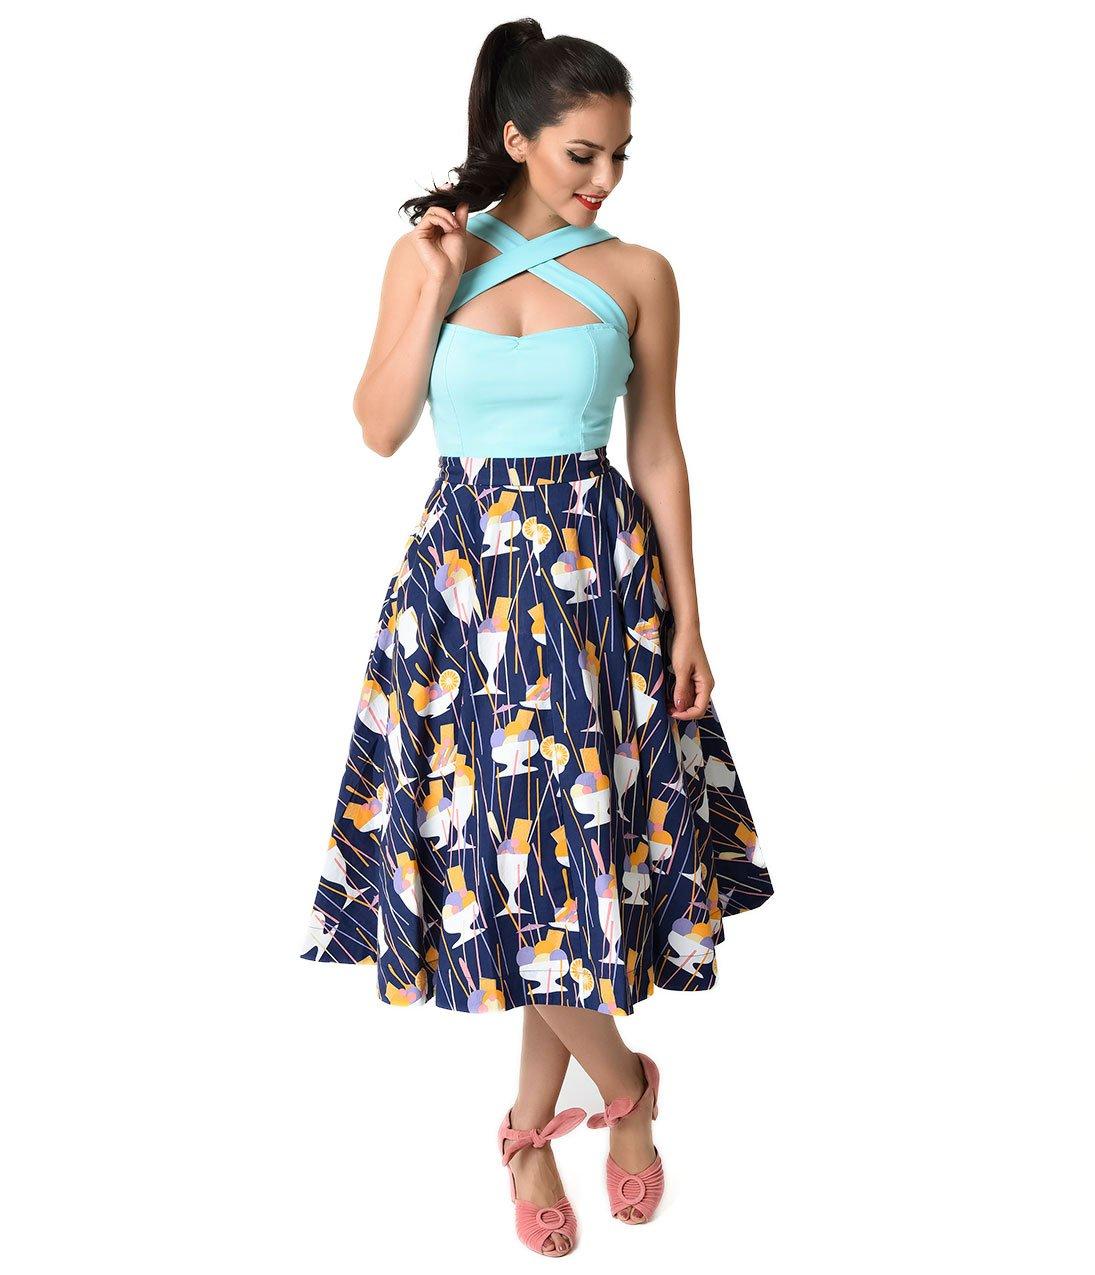 Vintage Style Navy Ice Cream Sundaes Sandy Ballerina Skirt